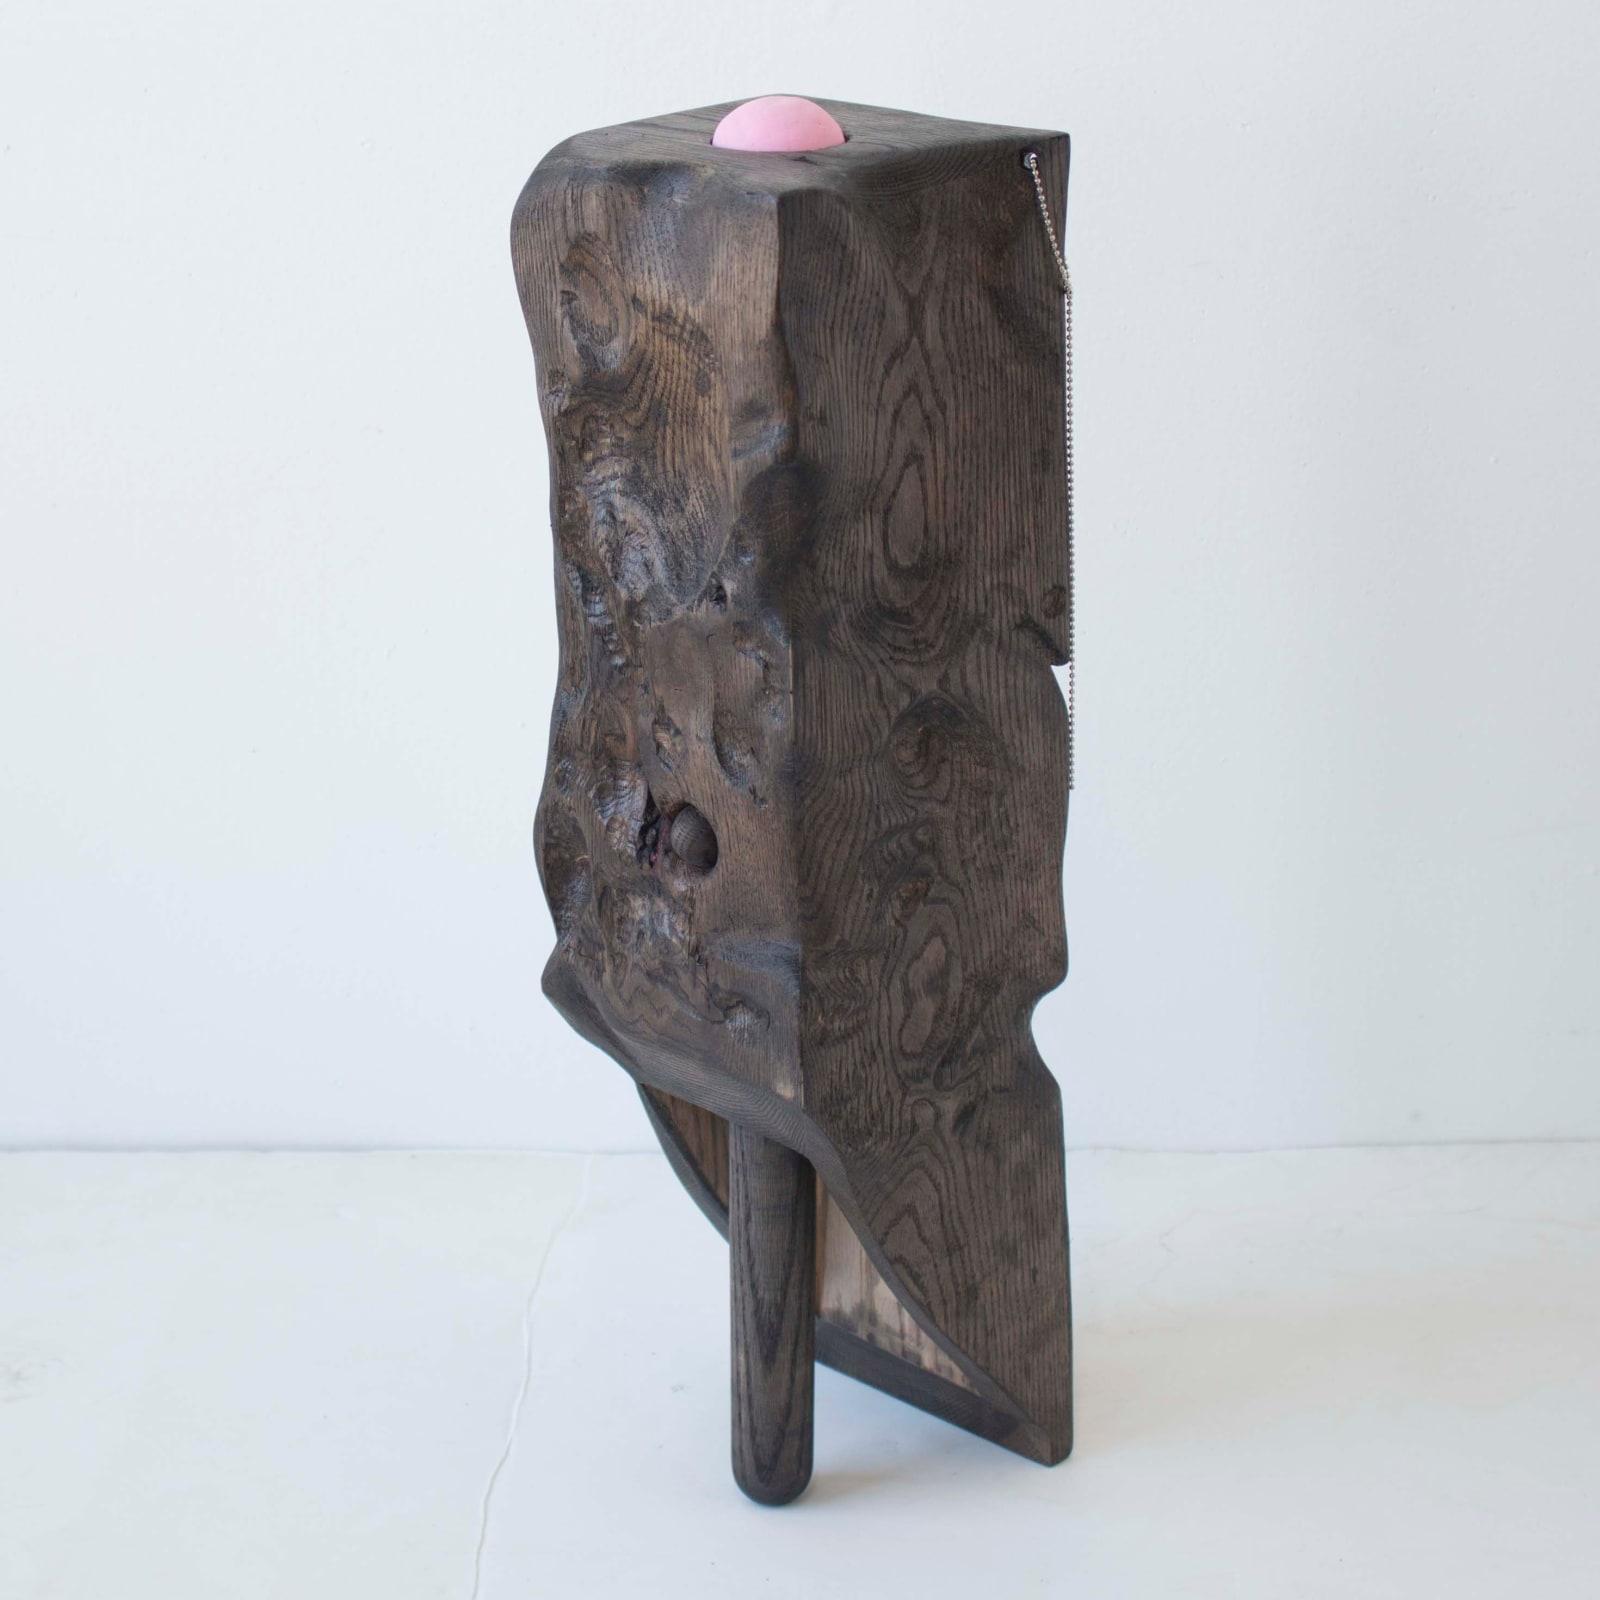 Douglas Rieger, Skull 颅骨, 2017